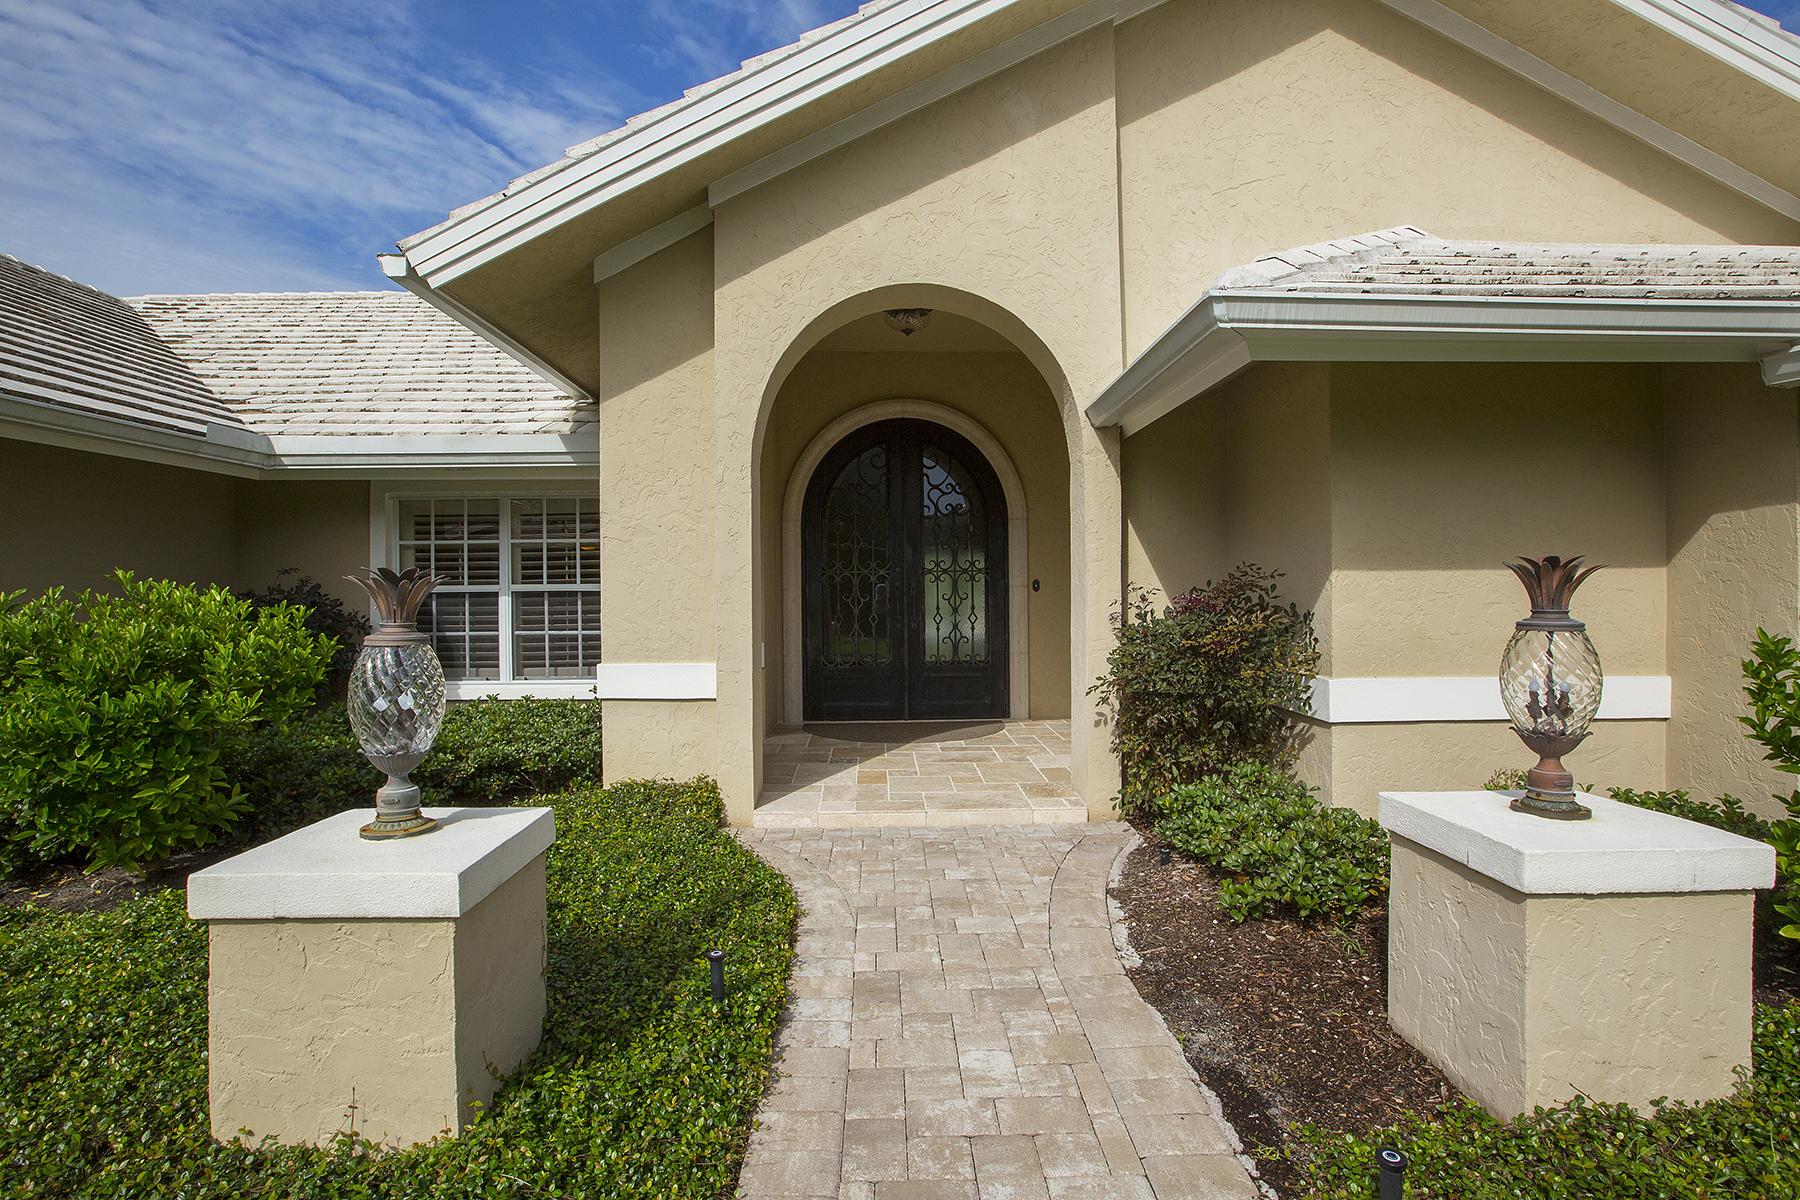 Casa Unifamiliar por un Venta en PELICAN BAY-Pelican Bay Woods 6577 Ridgewood Dr Naples, Florida, 34108 Estados Unidos